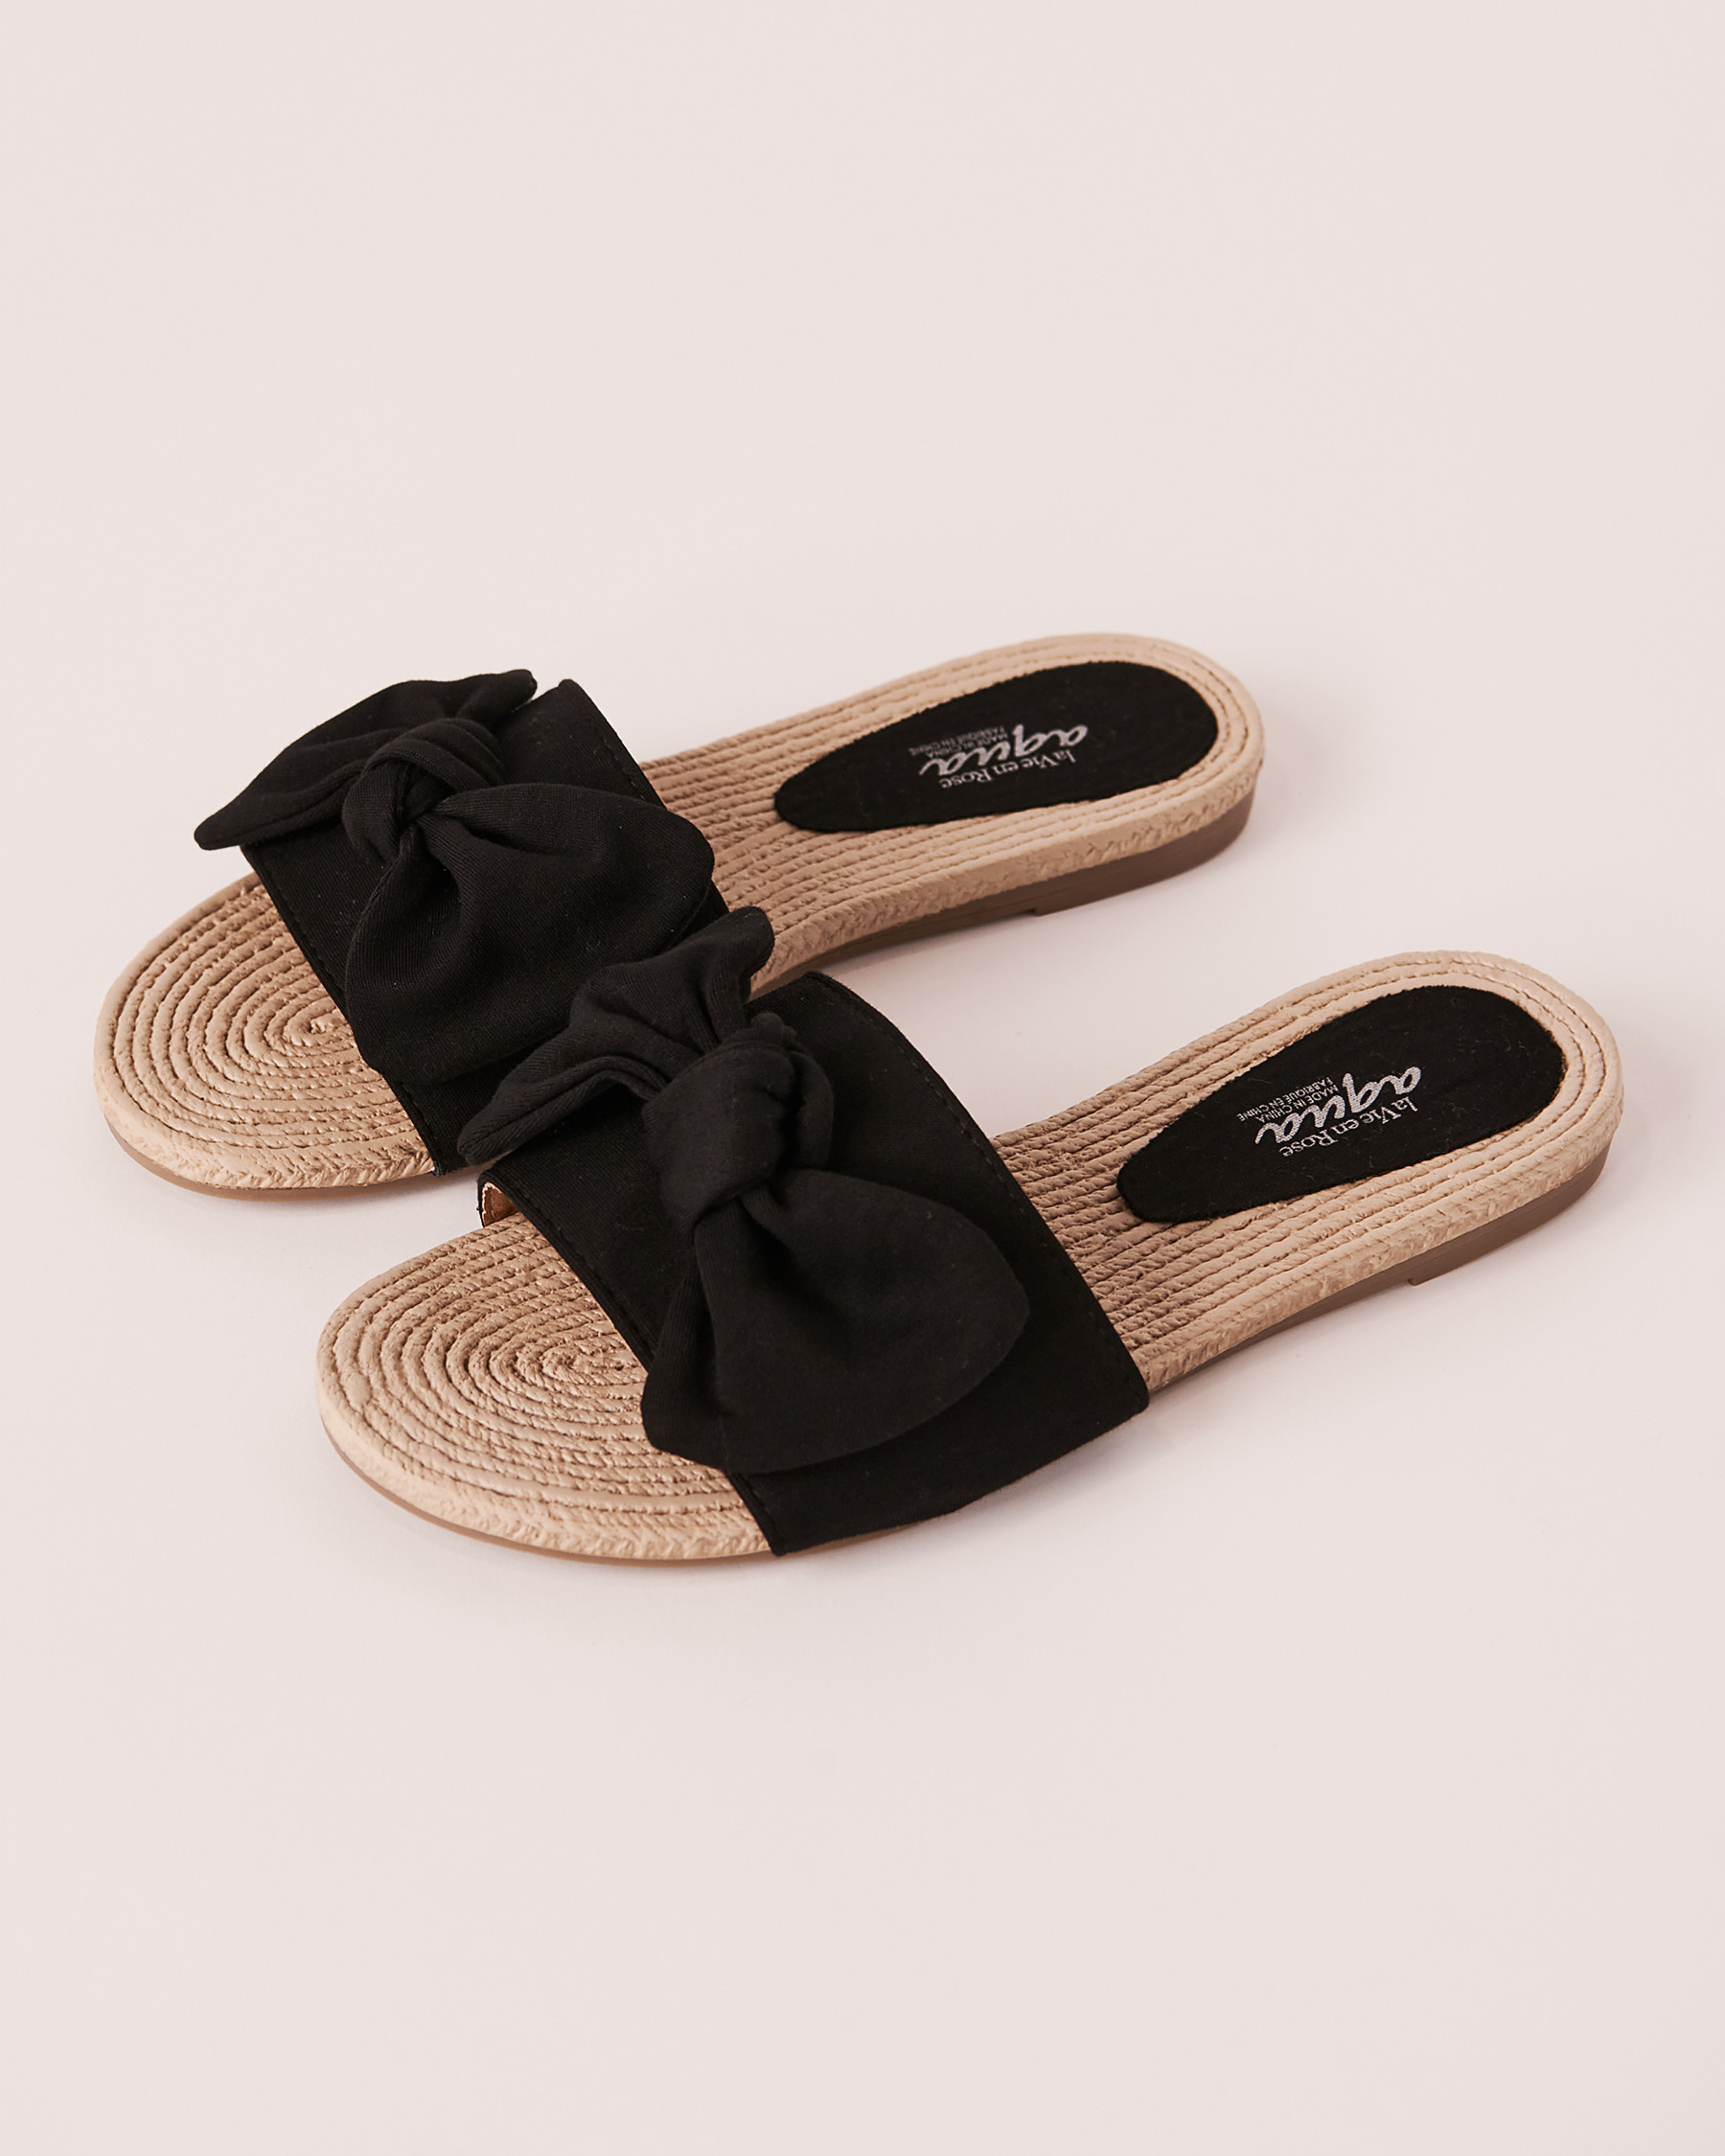 LA VIE EN ROSE AQUA Knot Sandal Neutral 80500027 - View1